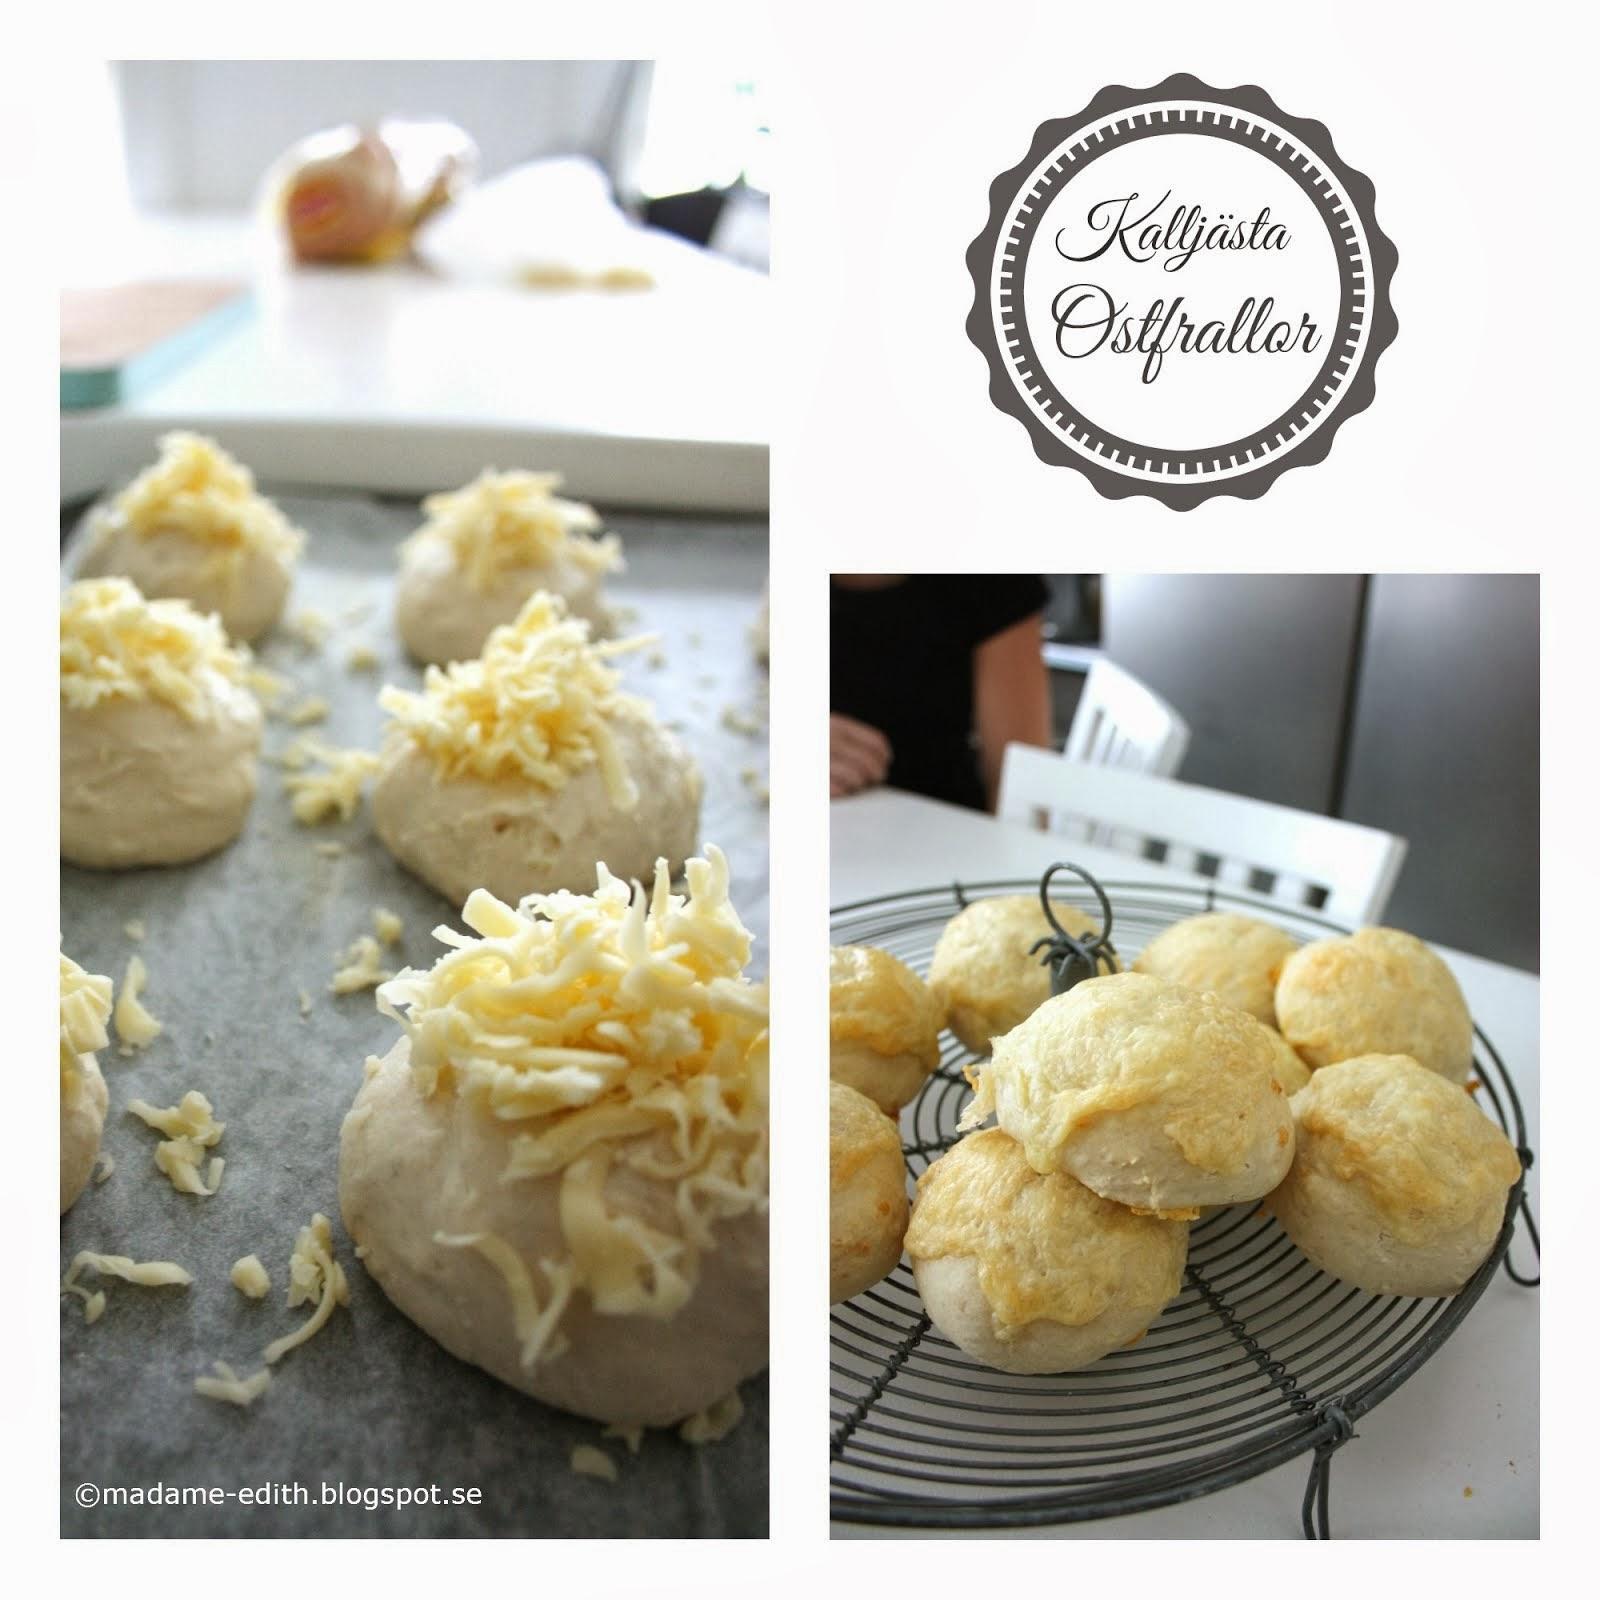 Kalljästa ostfrallor Förbered på kvällen - Grädda på morgonen